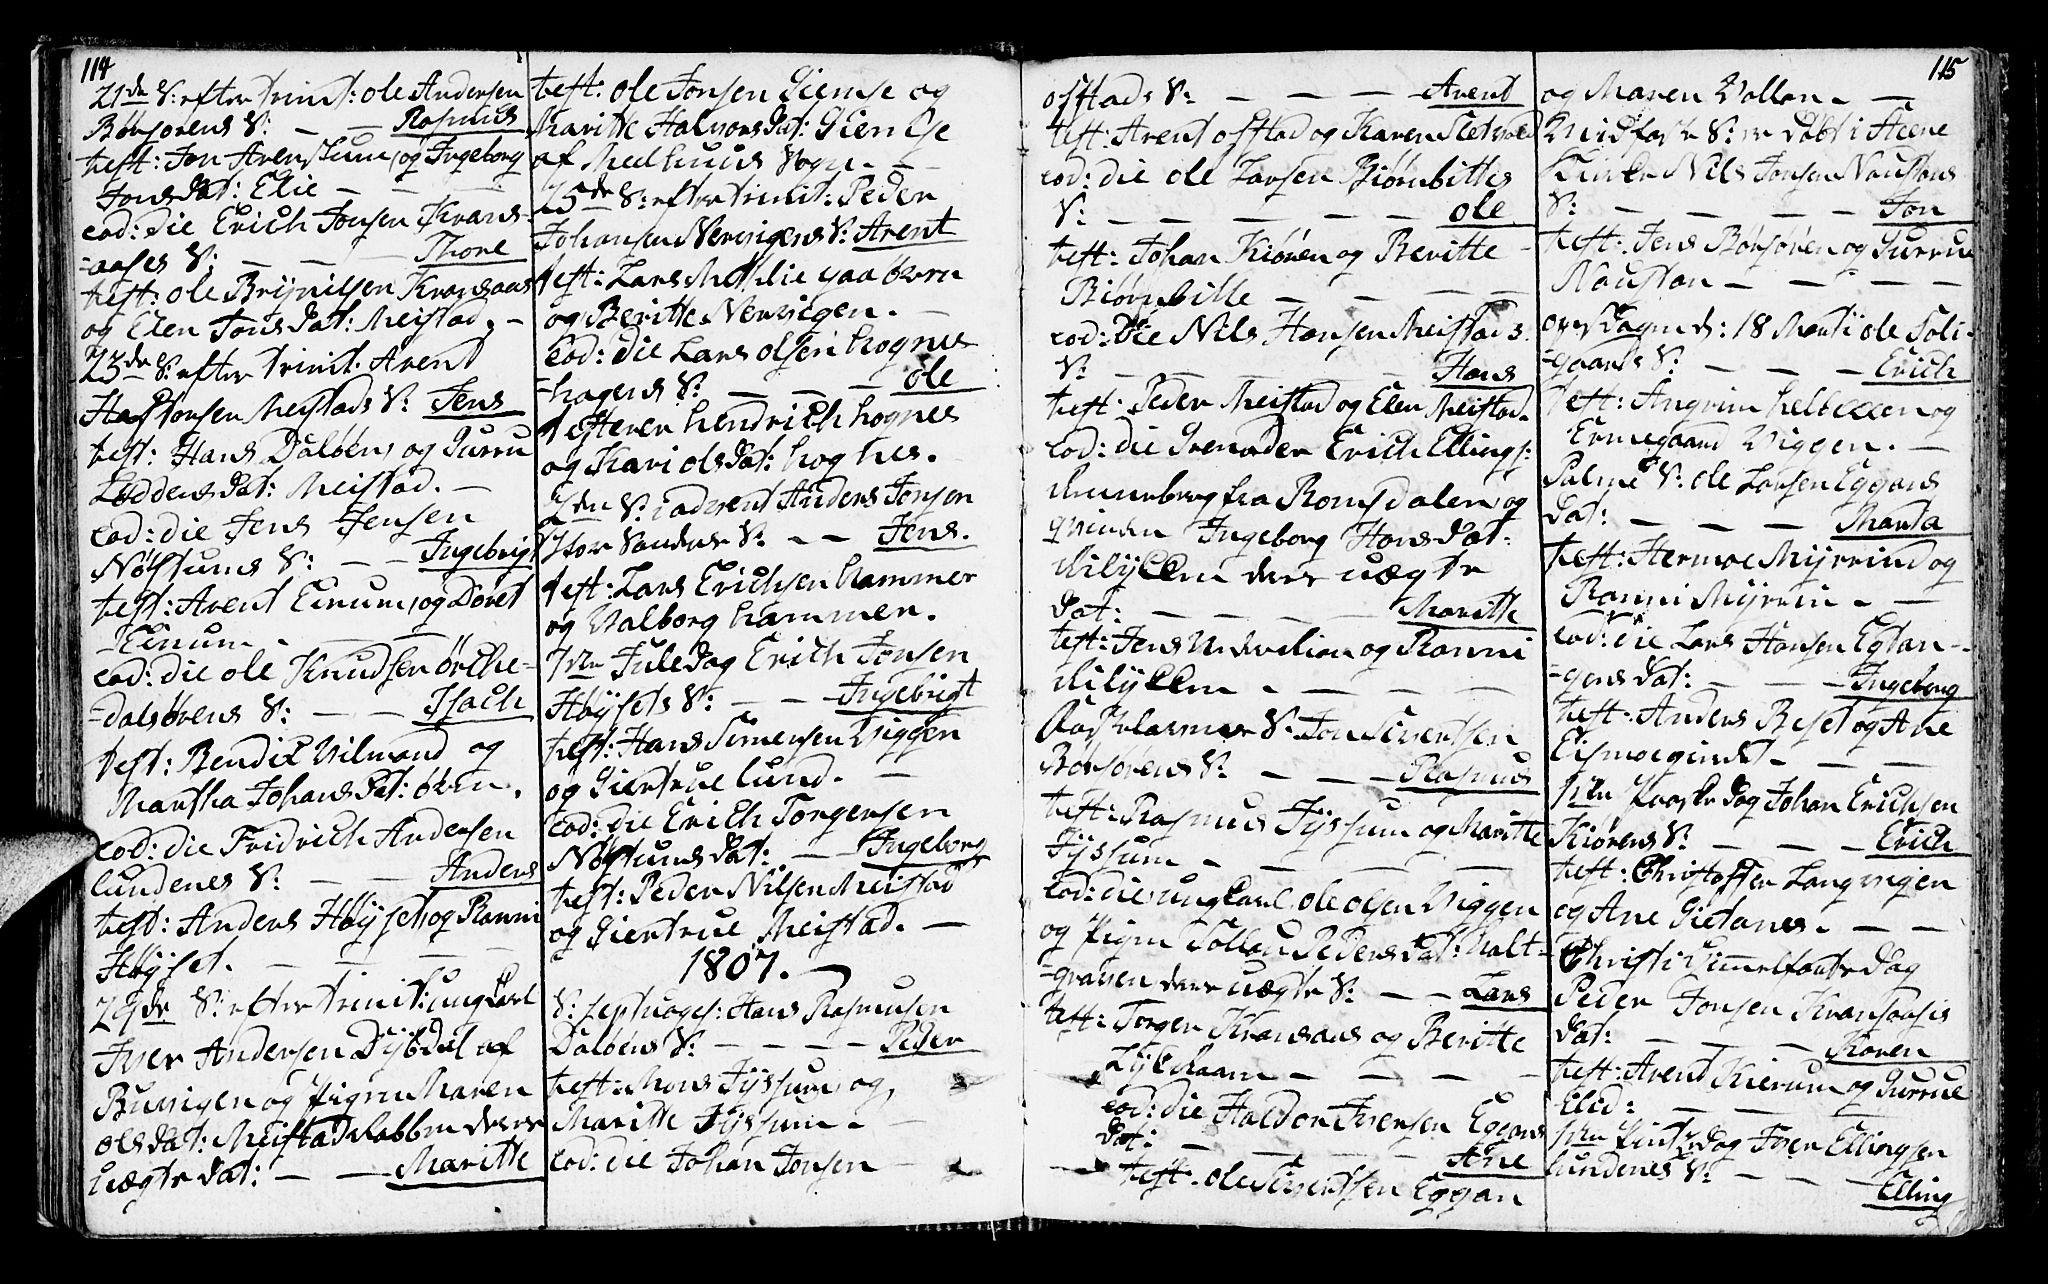 SAT, Ministerialprotokoller, klokkerbøker og fødselsregistre - Sør-Trøndelag, 665/L0769: Ministerialbok nr. 665A04, 1803-1816, s. 114-115